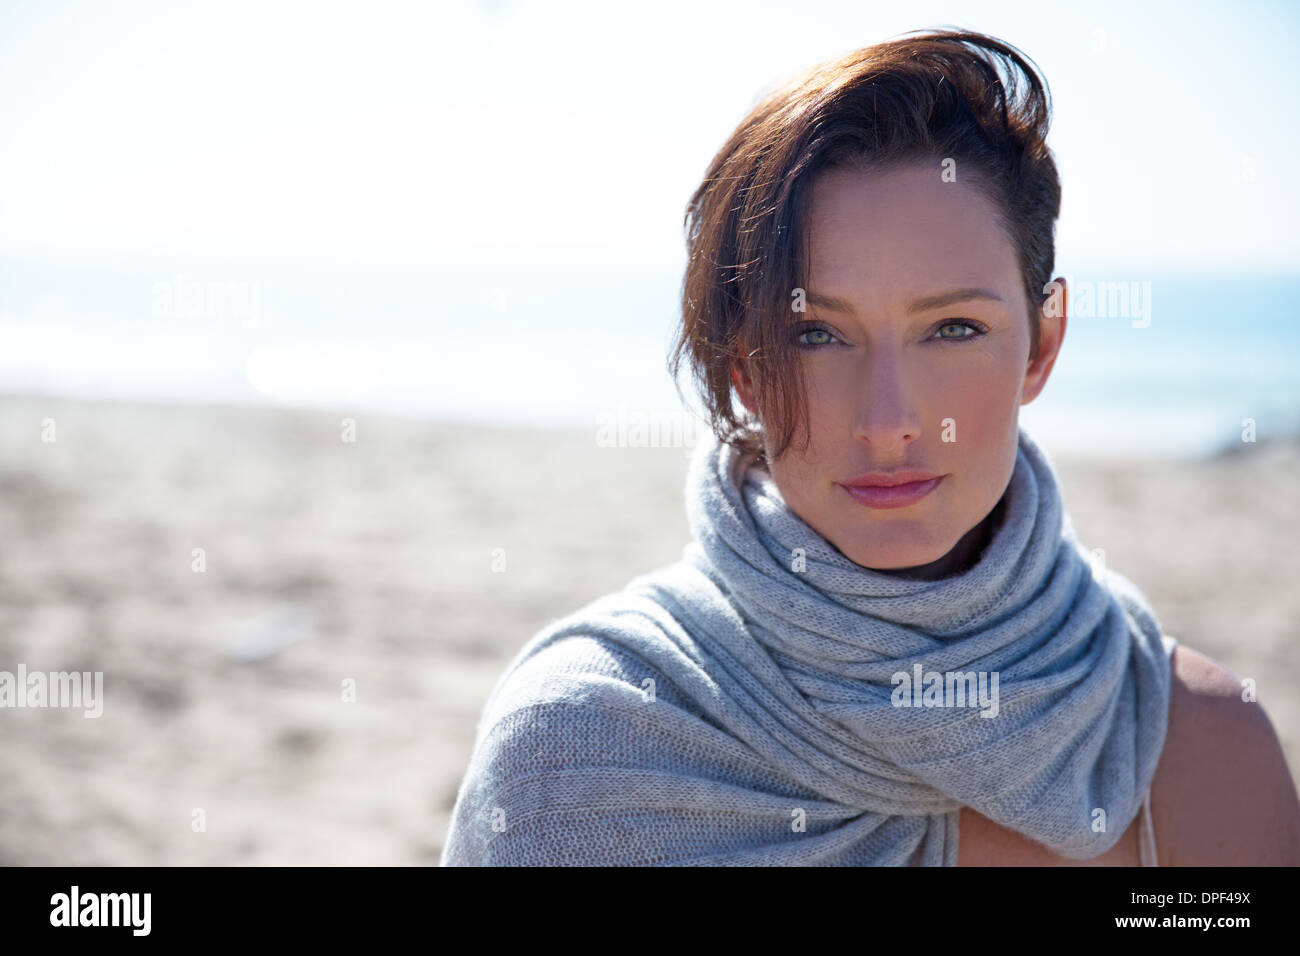 Retrato de uma mulher madura com cabelo curto, Newport Beach, Califórnia, EUA Imagens de Stock